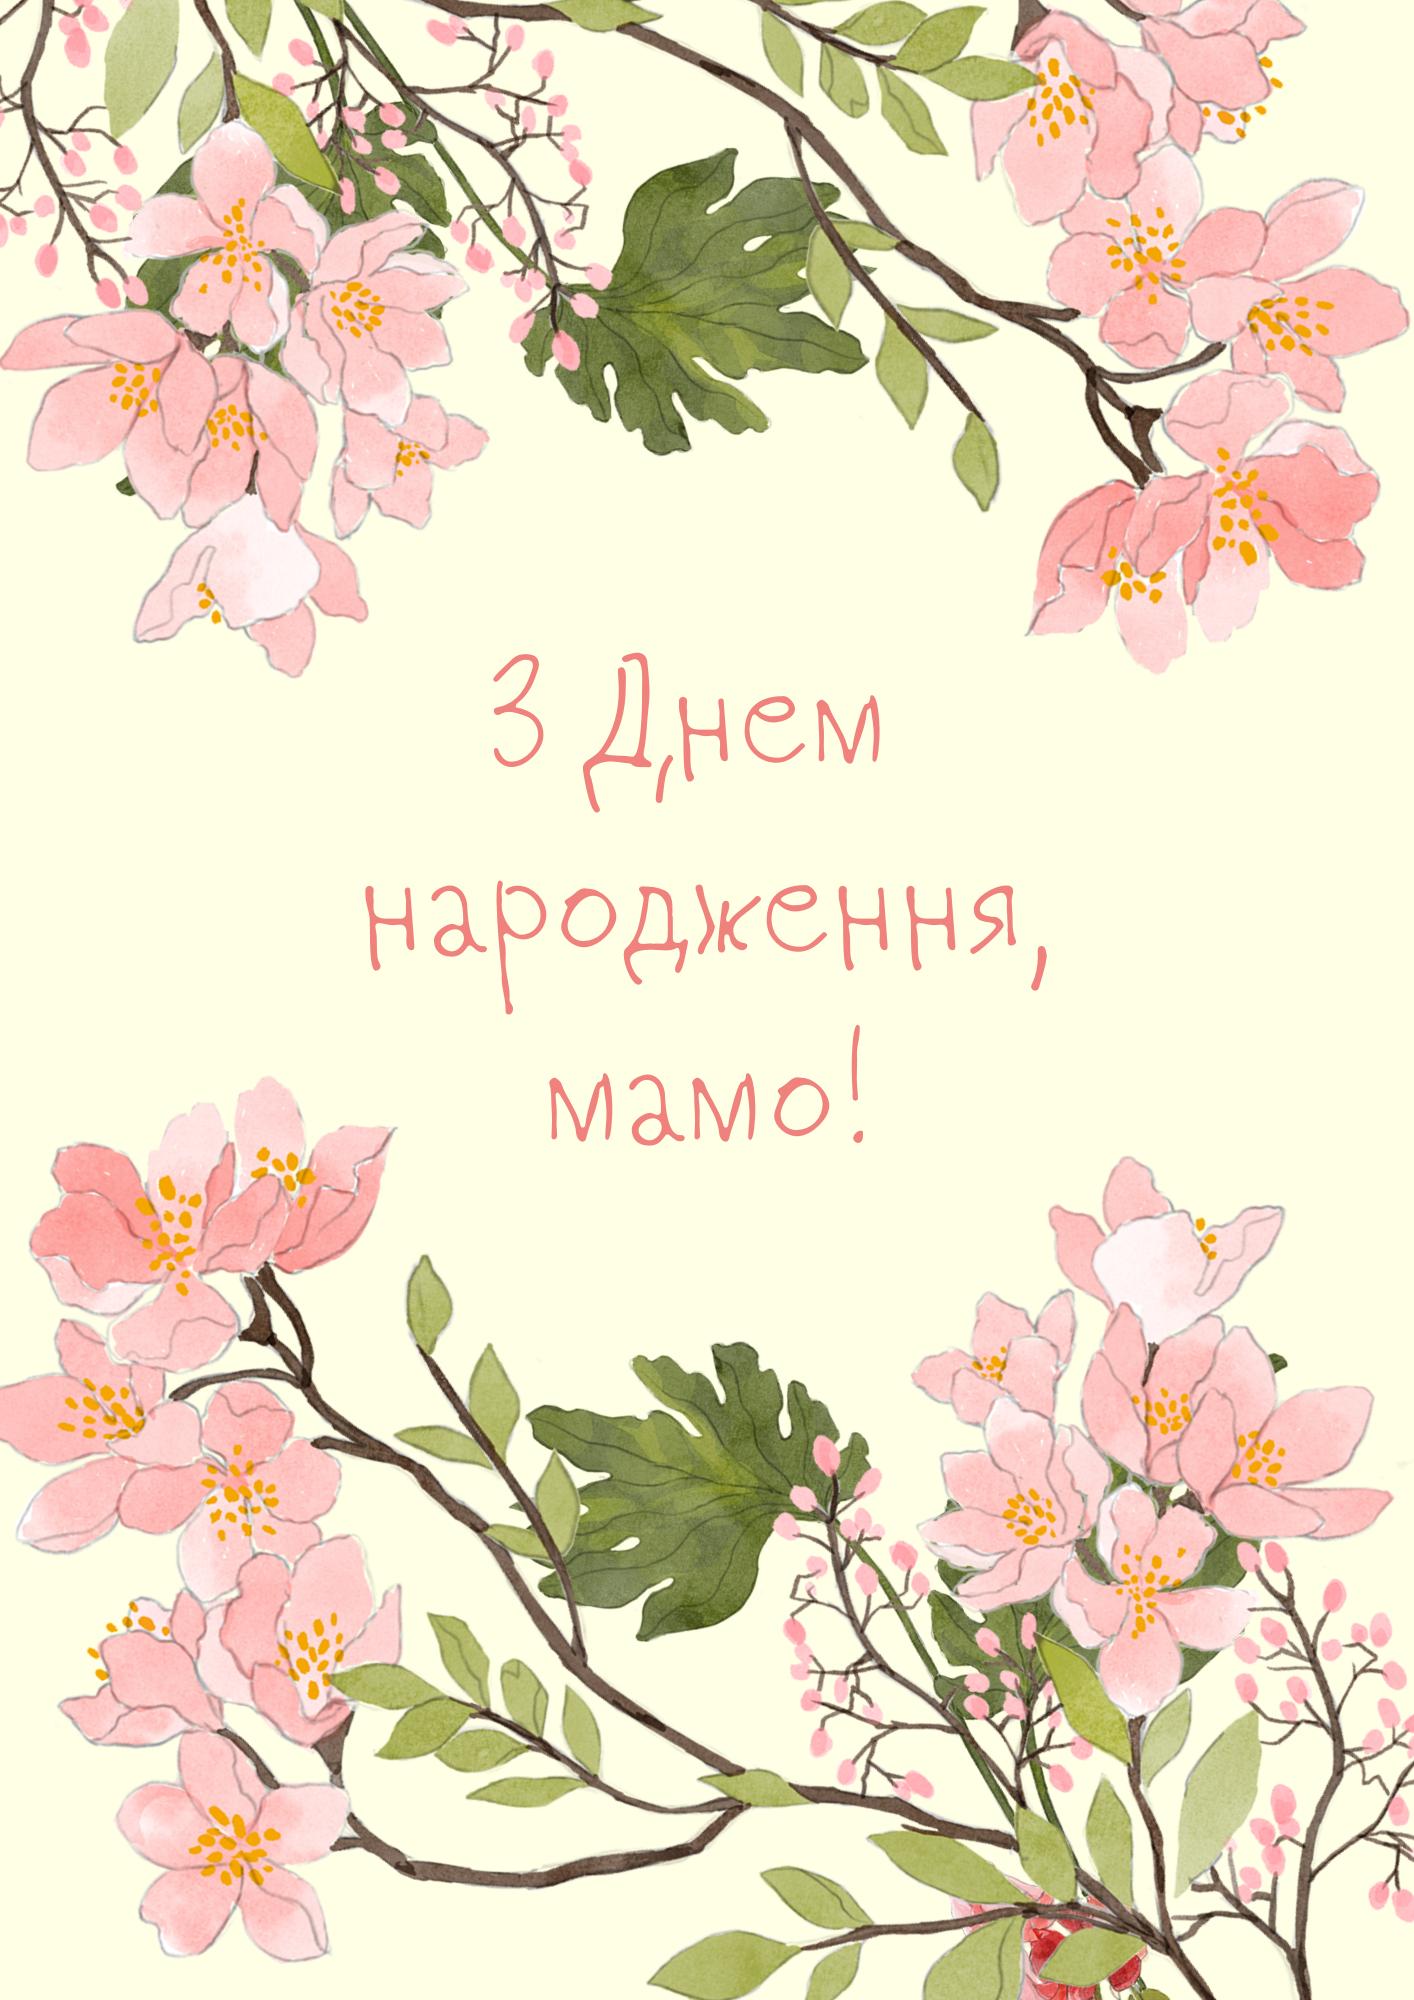 Картинка на День народження мамі